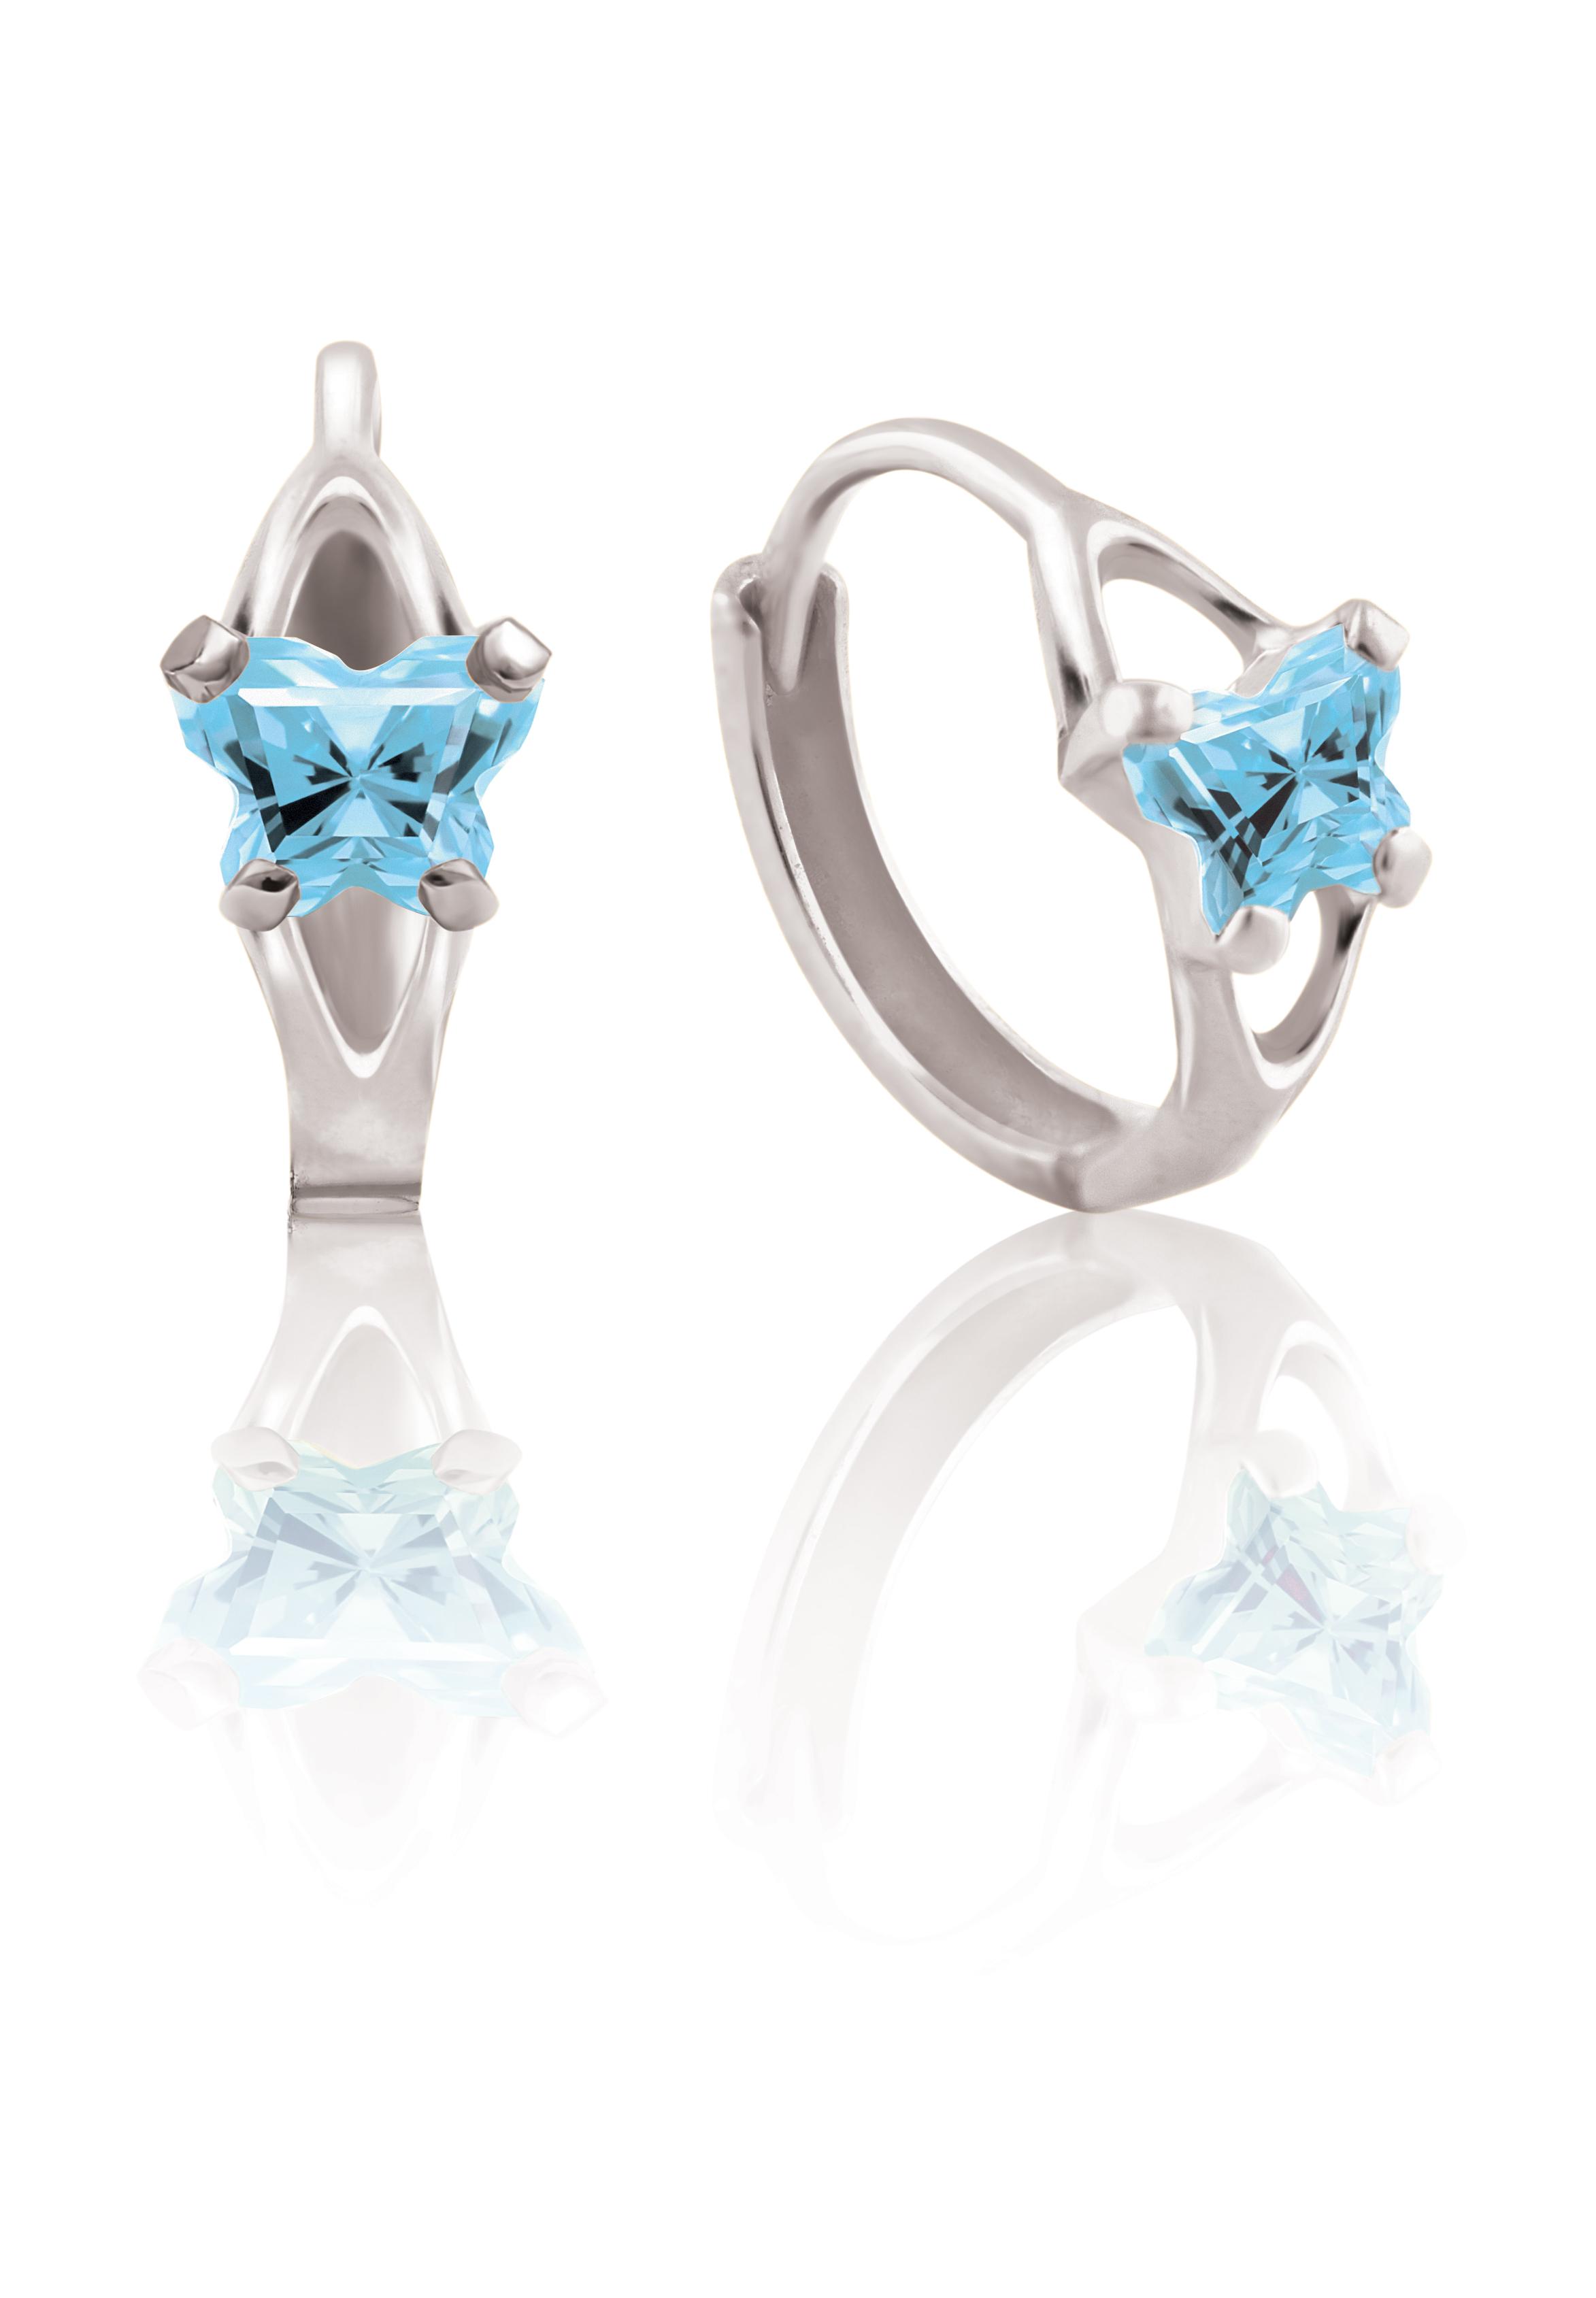 Boucles d'oreilles BFLY de genre Huggies pour bambins en argent sterling serties de zircons cubiques bleu ciel (mois de mars)